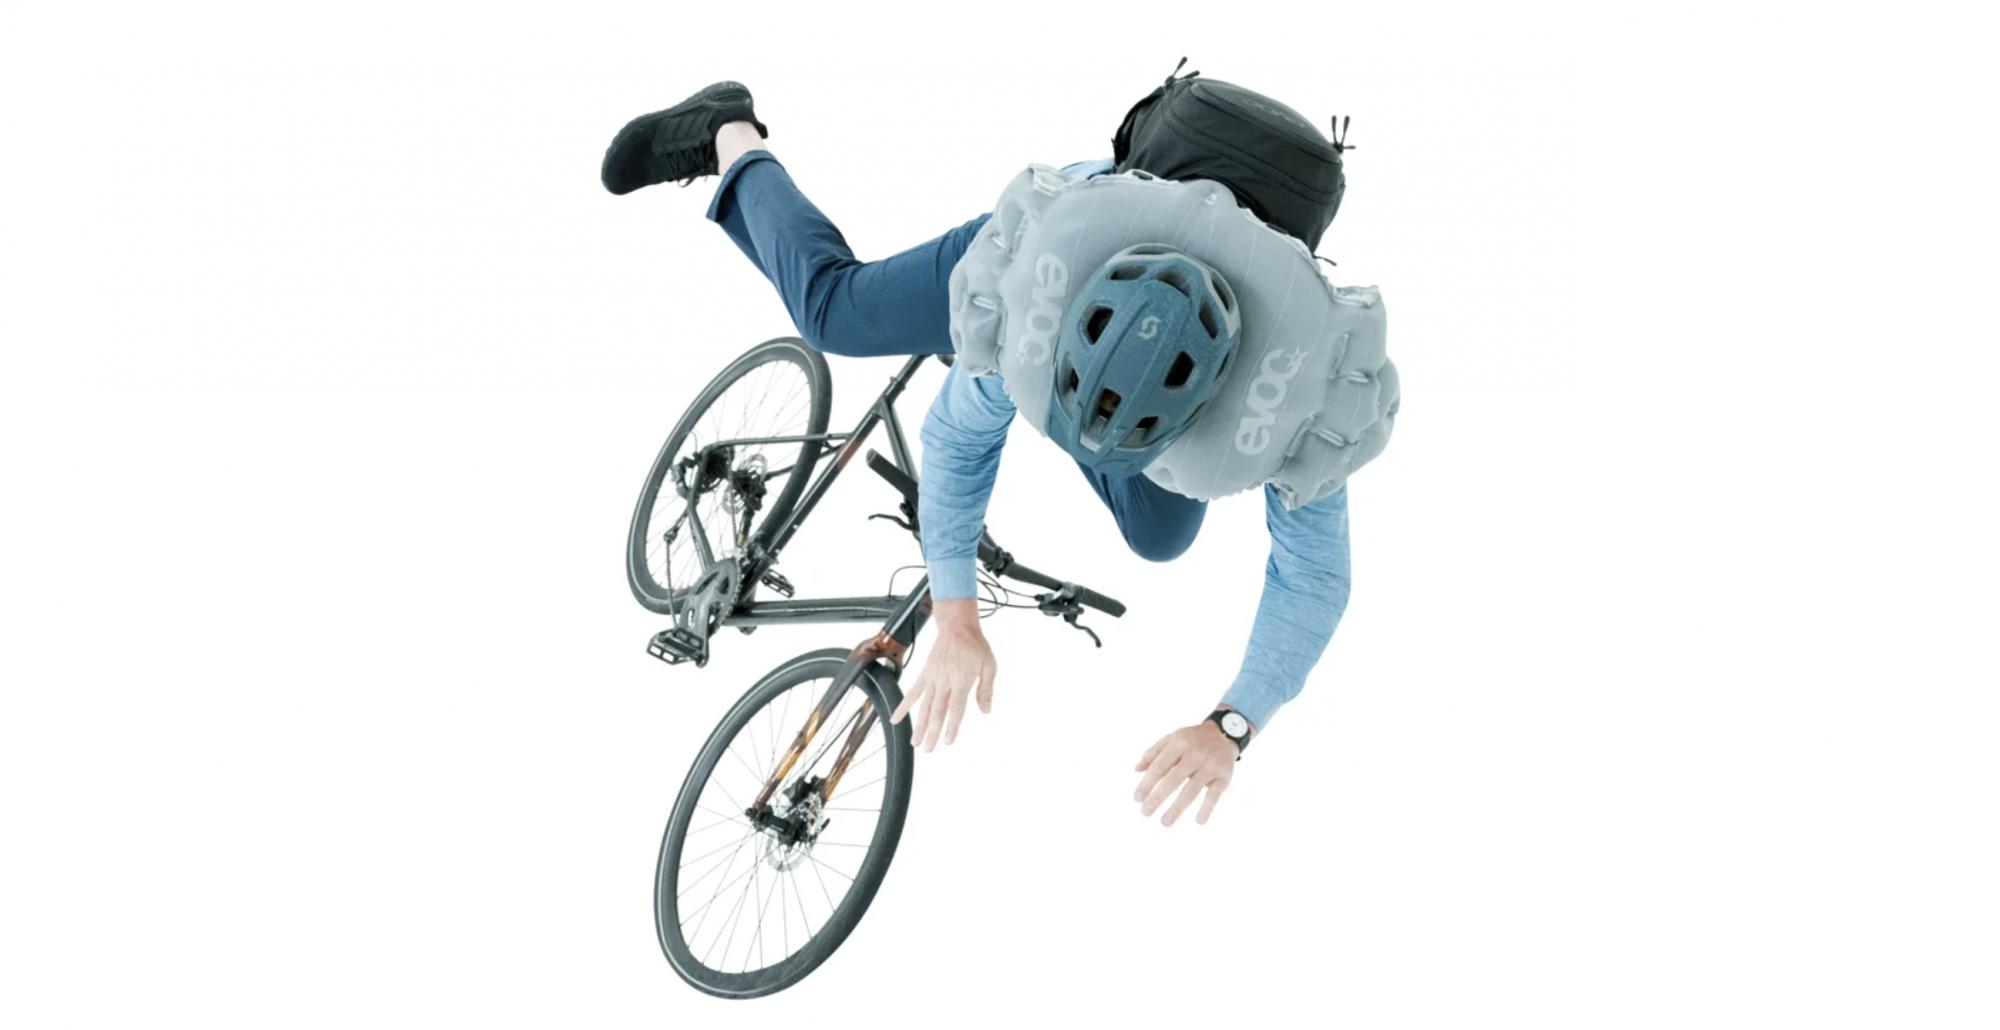 Ce sac à dos pour cycliste est un airbag qui se déclenche en un quart de seconde